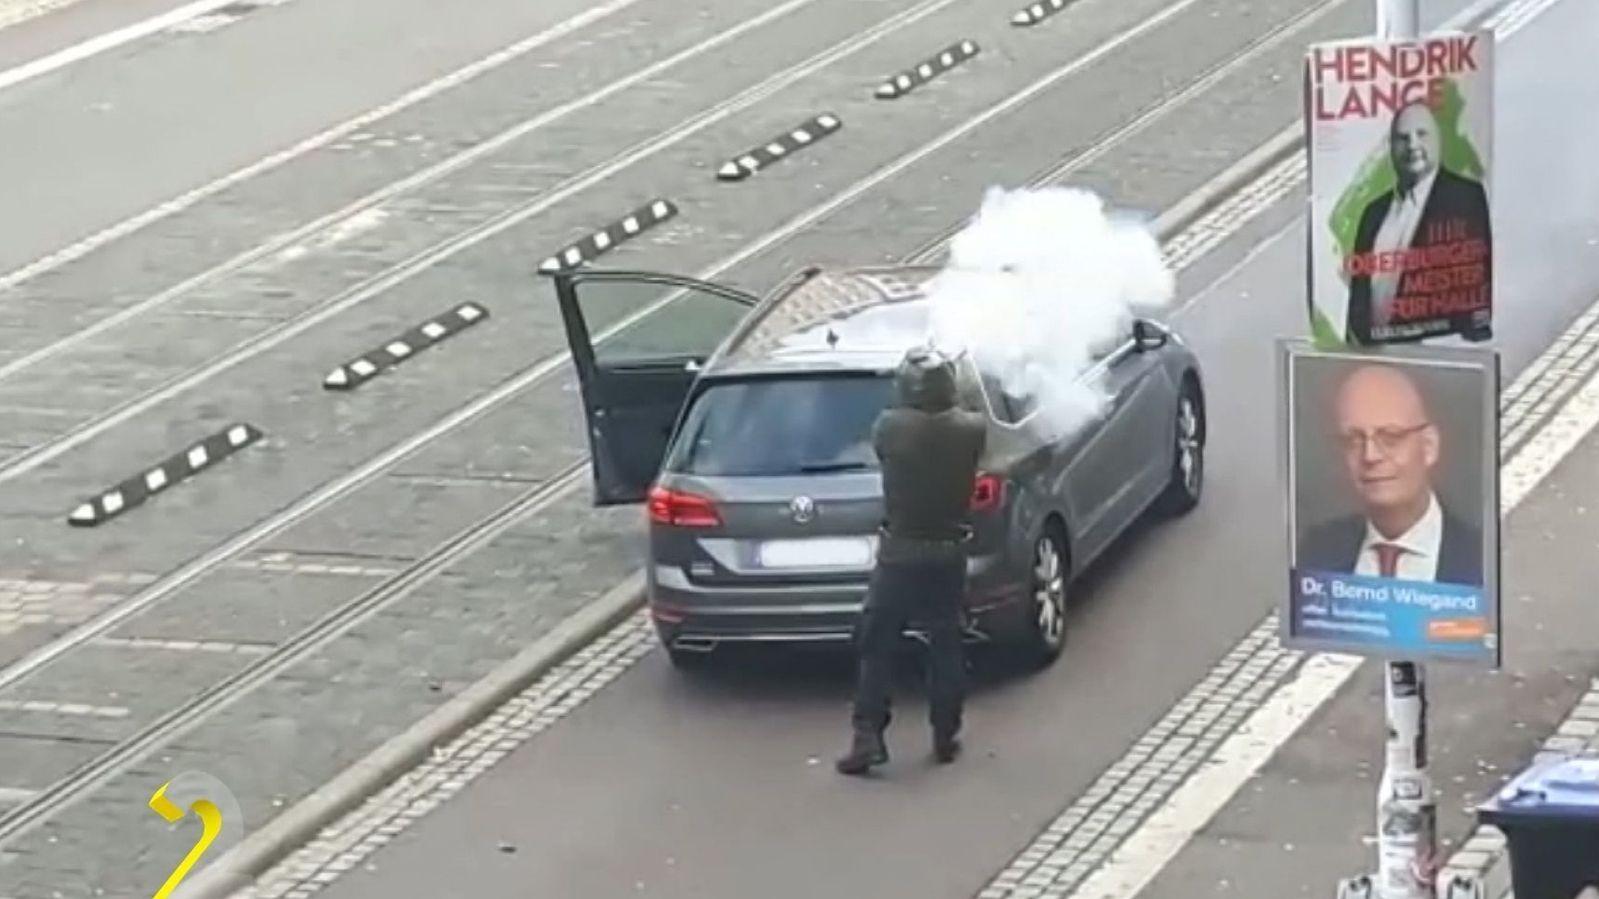 Attentäter von Halle feuert mit einer selbstgebauten Waffe.